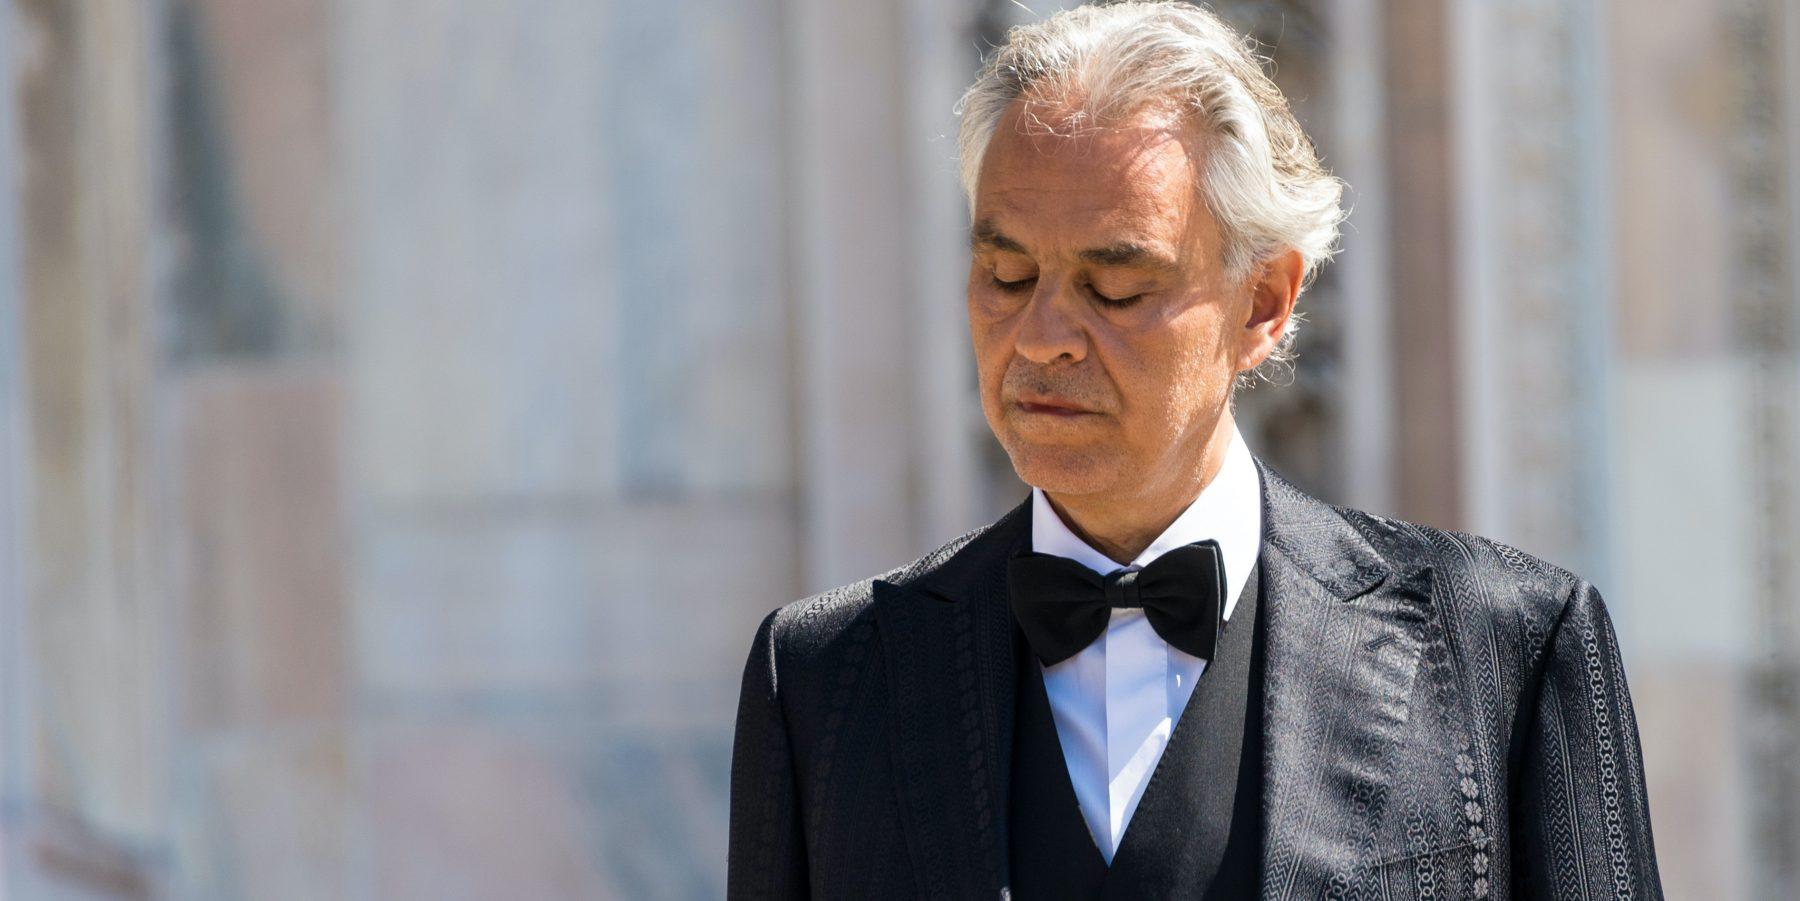 Andrea Bocelli onder vuur na kritiek op coronamaatregelen